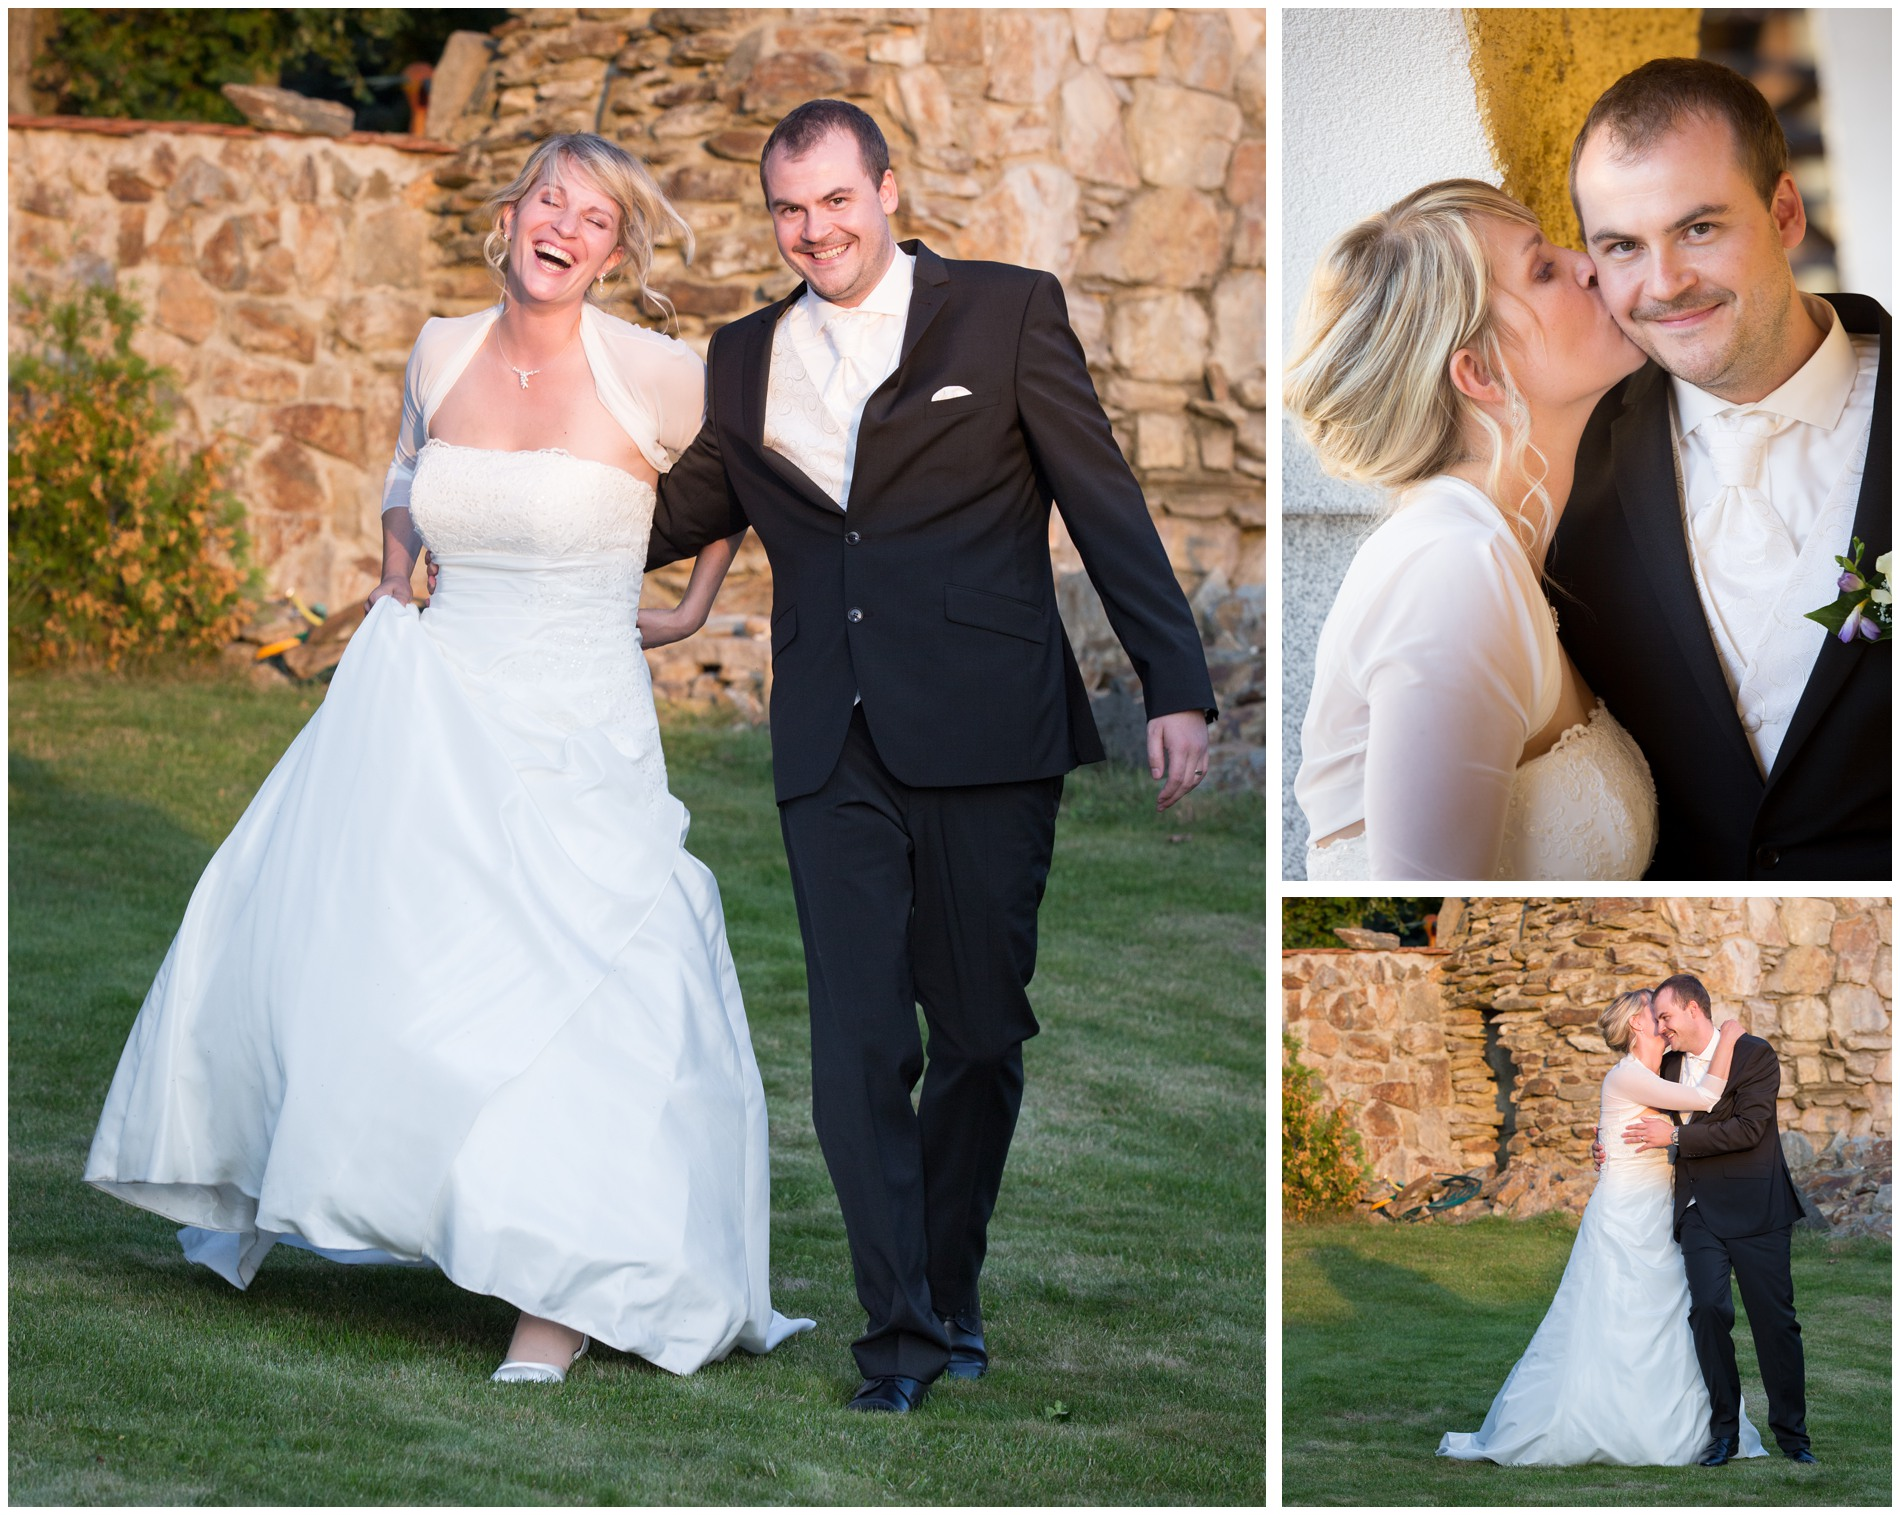 Brautpaarshooting englischsprachige Hochzeit in Tschechien